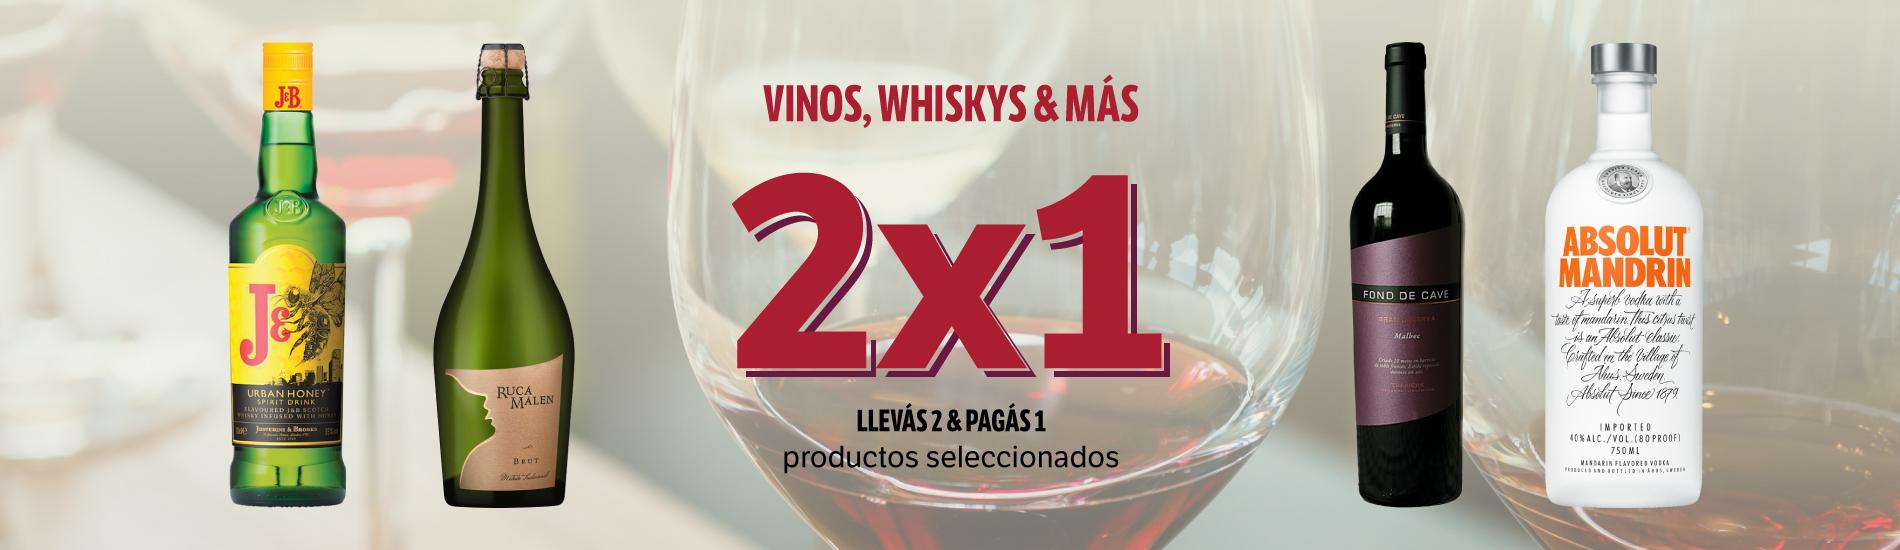 2x1 Vinos y mas